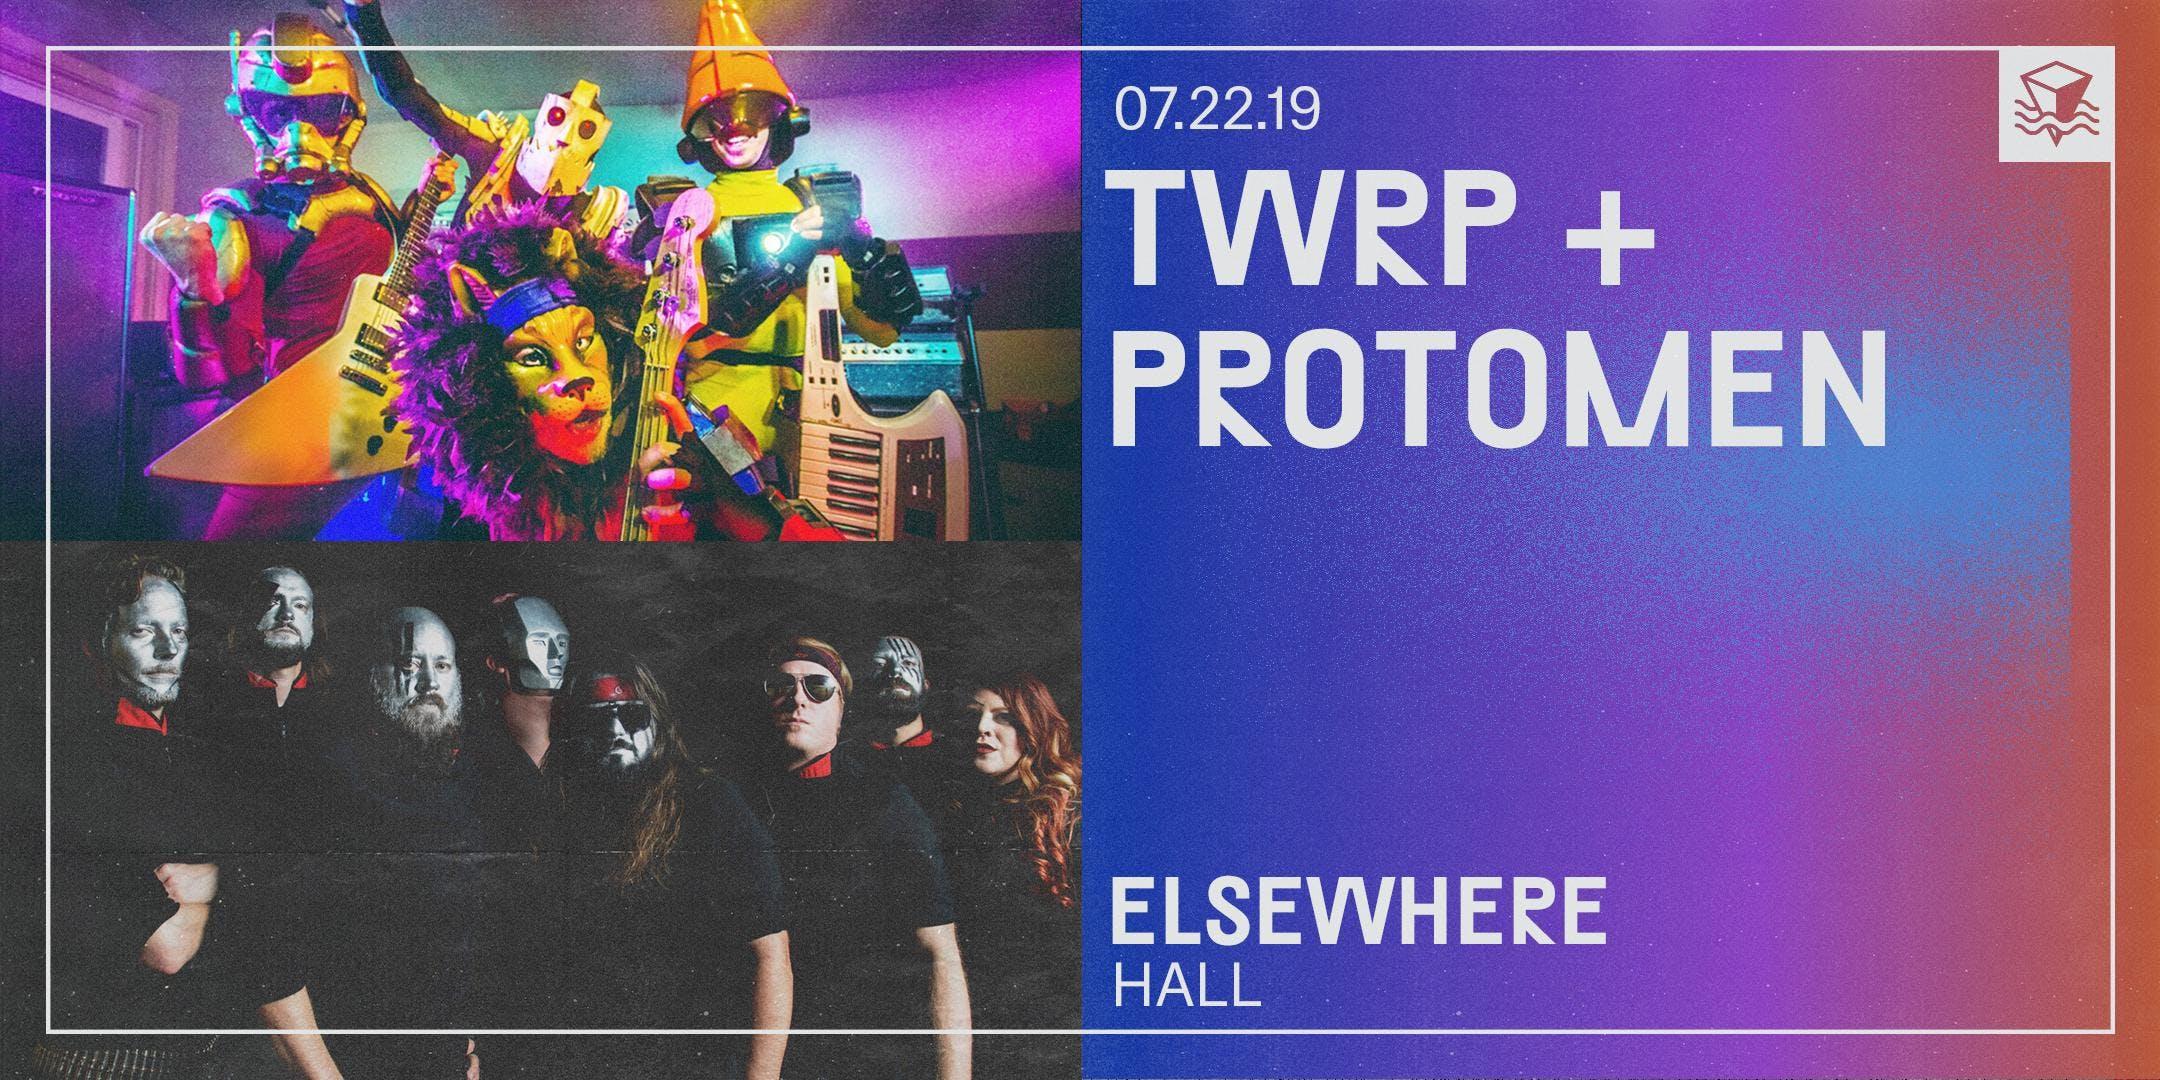 TWRP + Protomen